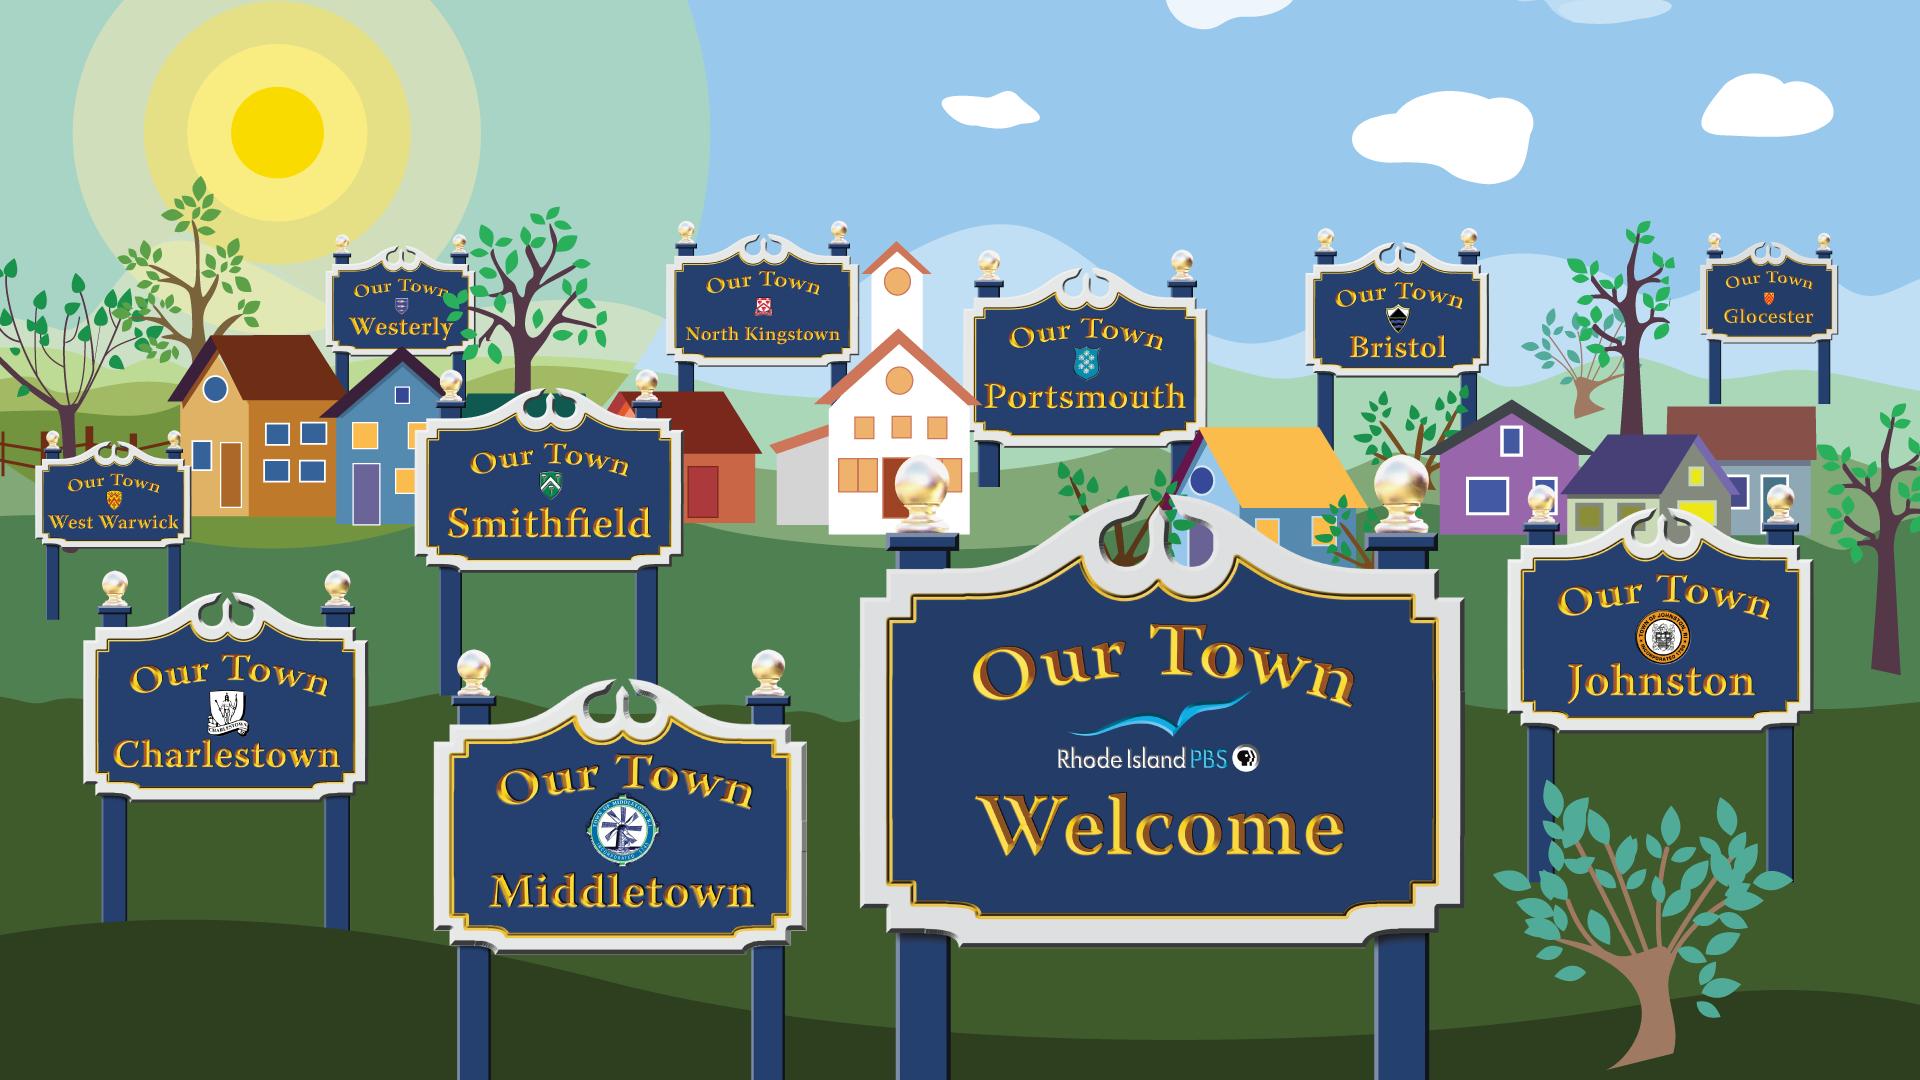 Our Town: Tour Ten Marathon